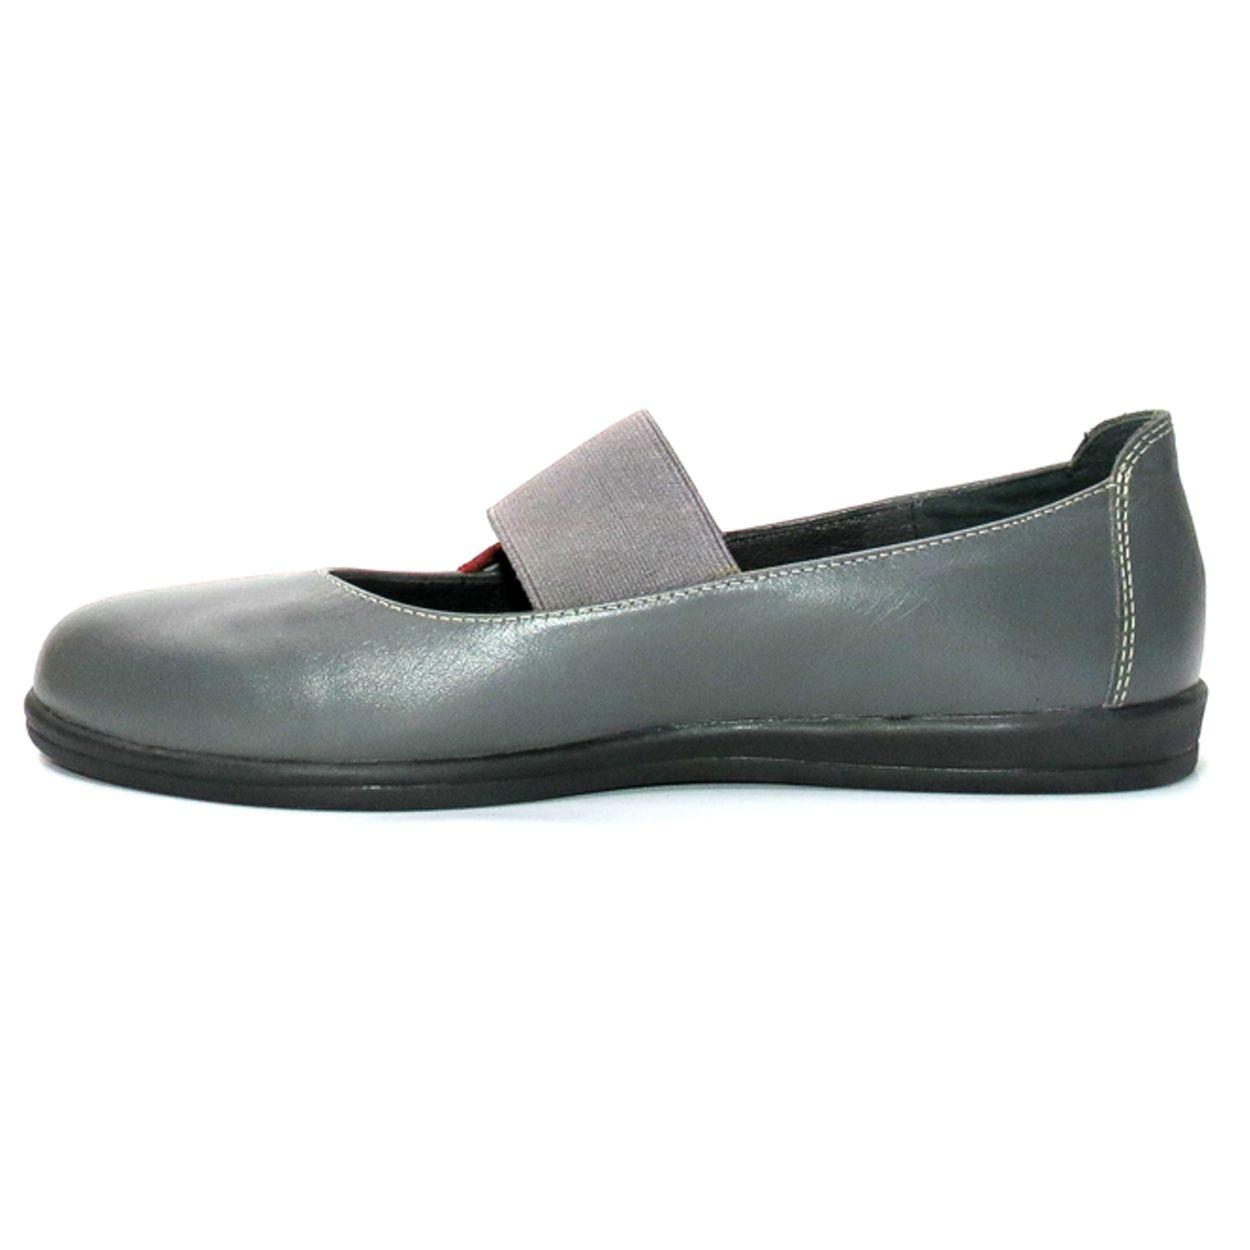 کفش روزمره زنانه آر اند دبلیو مدل 982 رنگ طوسی -  - 3